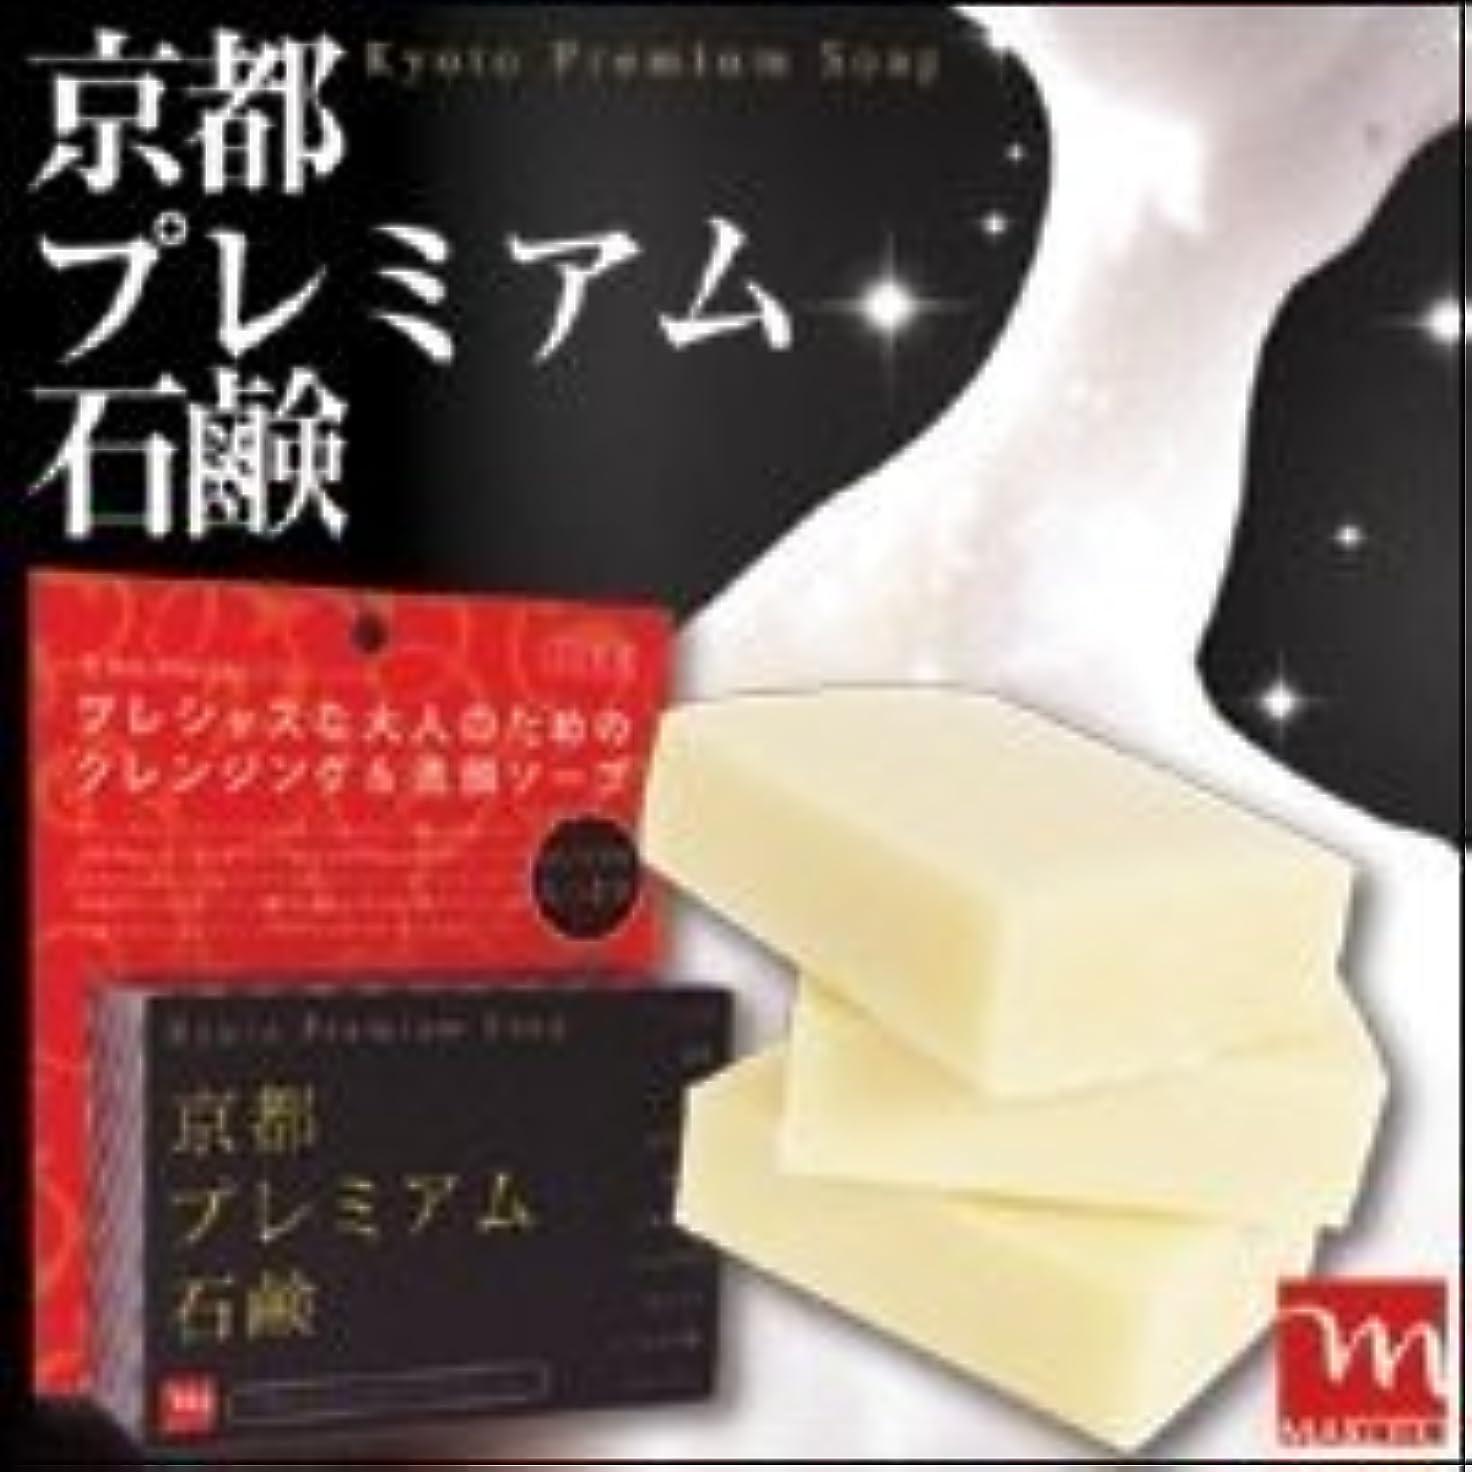 ファランクスファイナンス会議京都プレミアム 京都プレミアム石鹸 120g 3個セット